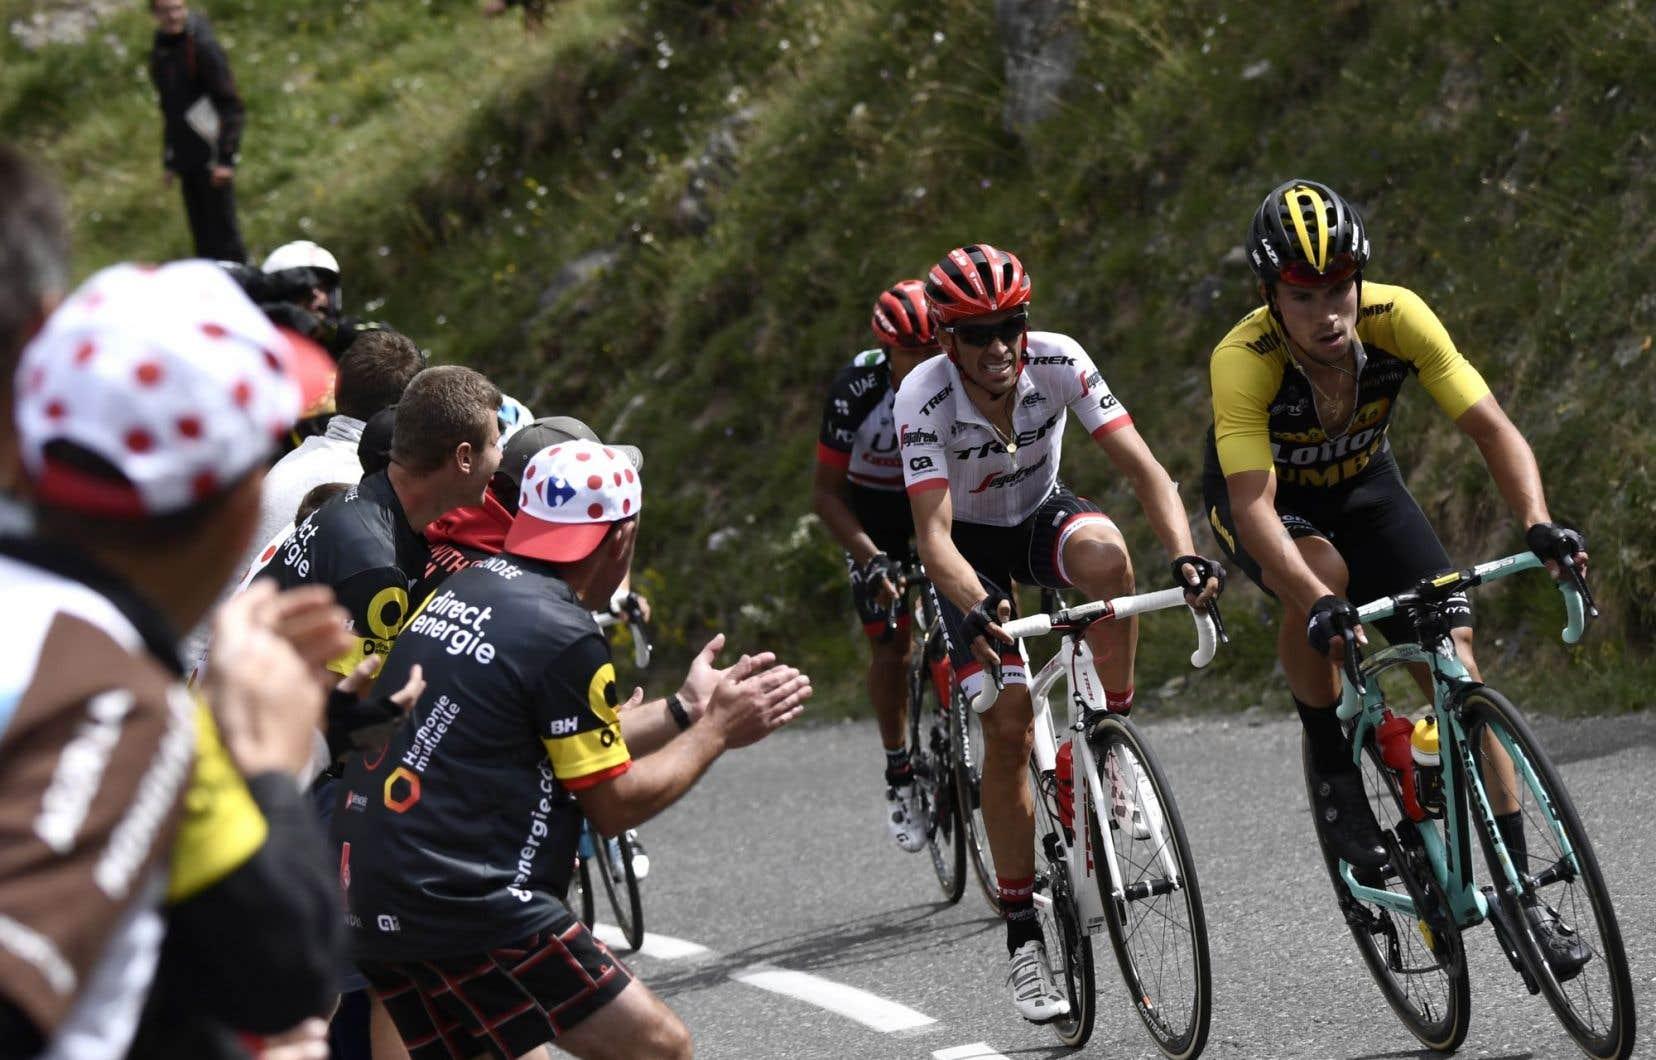 Le Slovène Primoz Roglic (à droite) et l'Espagnol Alberto Contador (au centre) se disputent la tête lors d'une échappée, à la 17e étape du Tour de France.